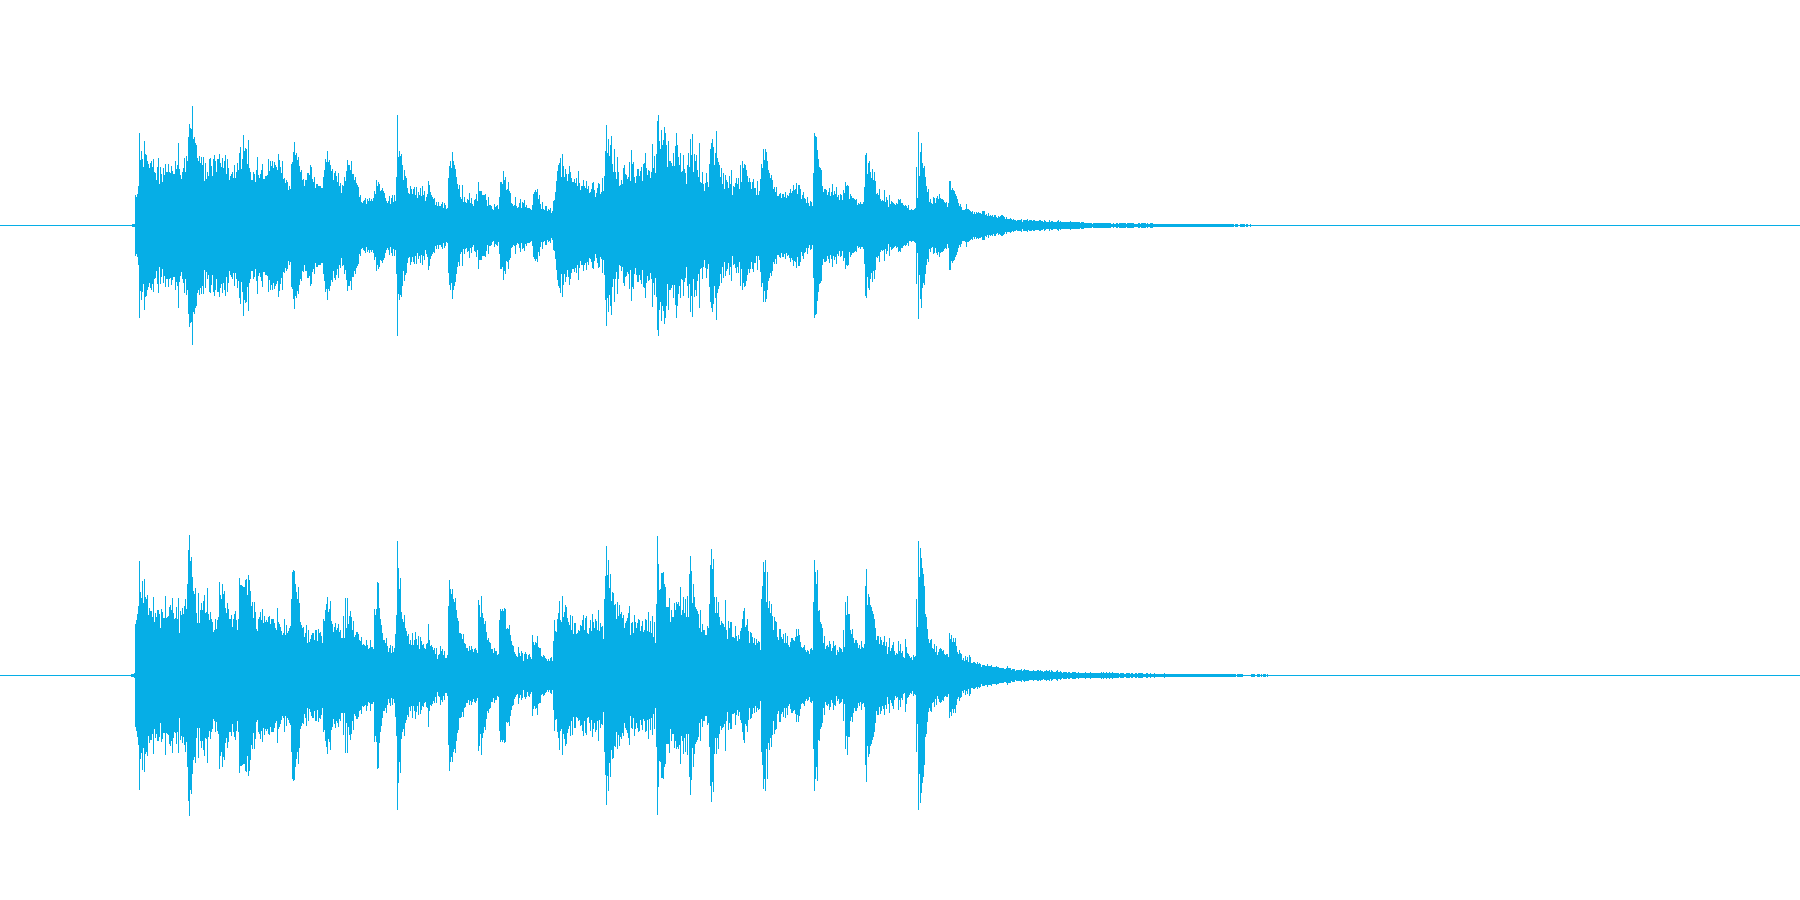 幻想的でキャッチ―なシンセジングルの再生済みの波形